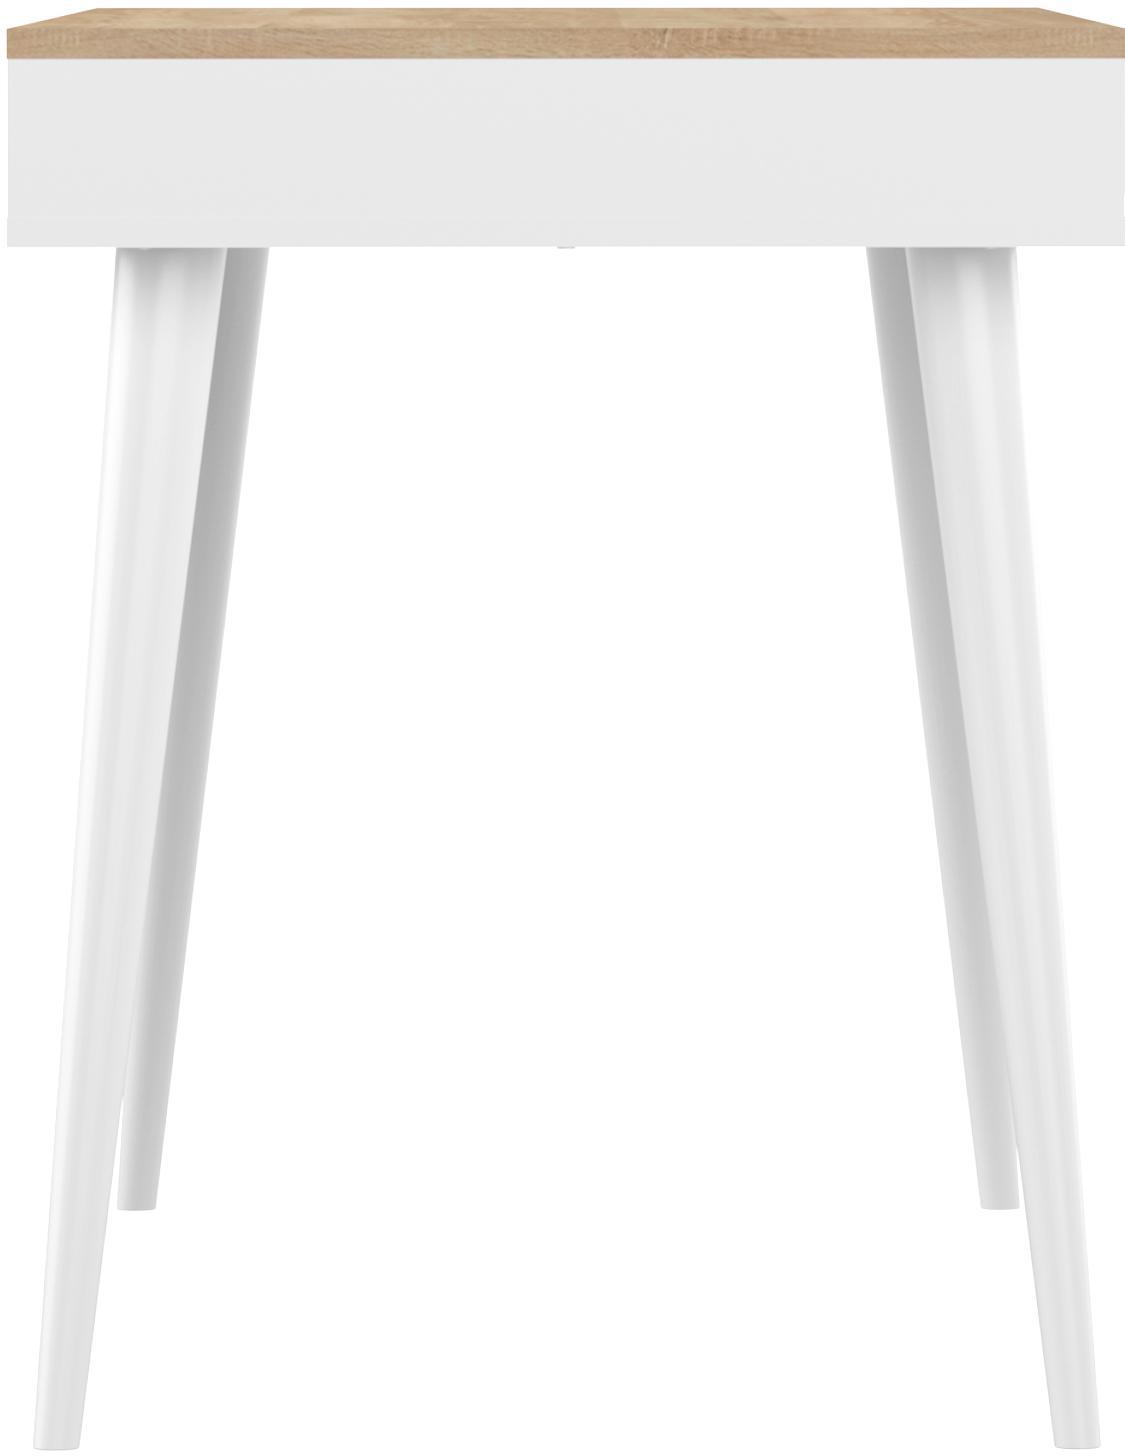 Schreibtisch Horizon im Skandi Design, Tischplatte: Spanplatte, melaminbeschi, Korpus: Spanplatte, lackiert, Beine: Buchenholz, massiv, lacki, Griffe: Kuhleder, Eichenholz, Weiß, B 134 x T 59 cm